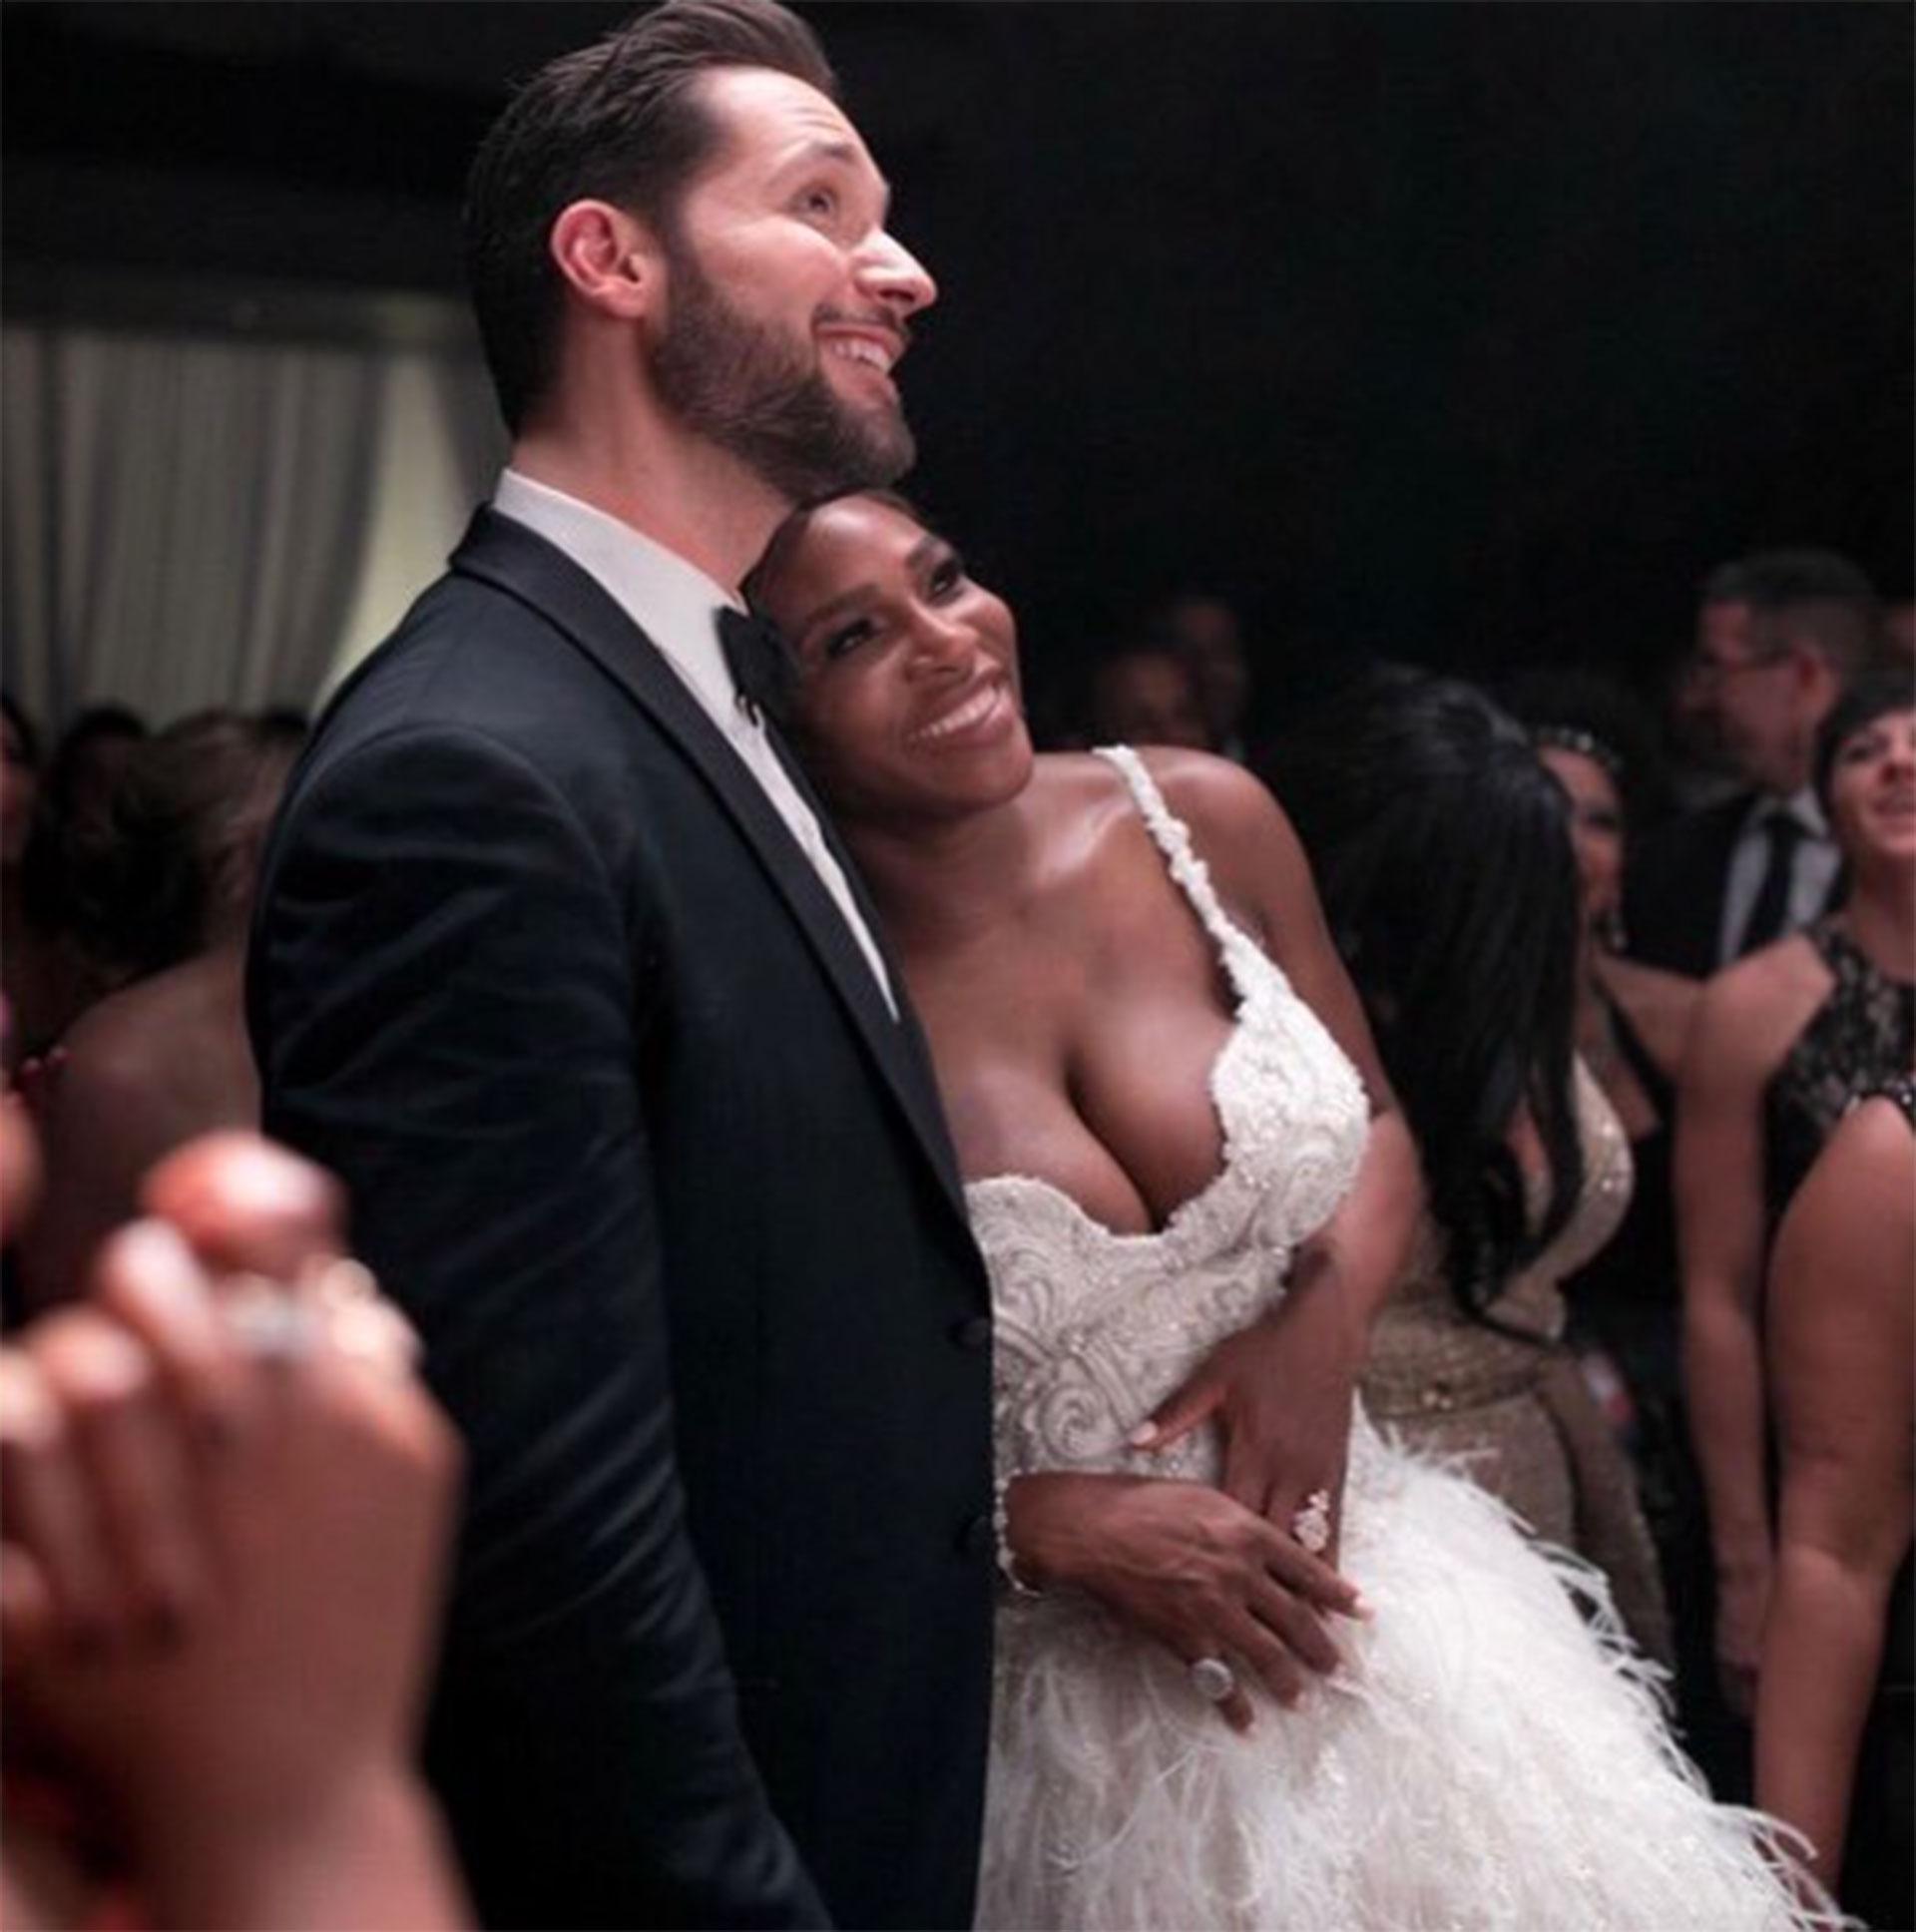 La boda se celebró en el Centro de Arte Contemporáneo y tuvo como temática la película de Disney La Bella y la Bestia.